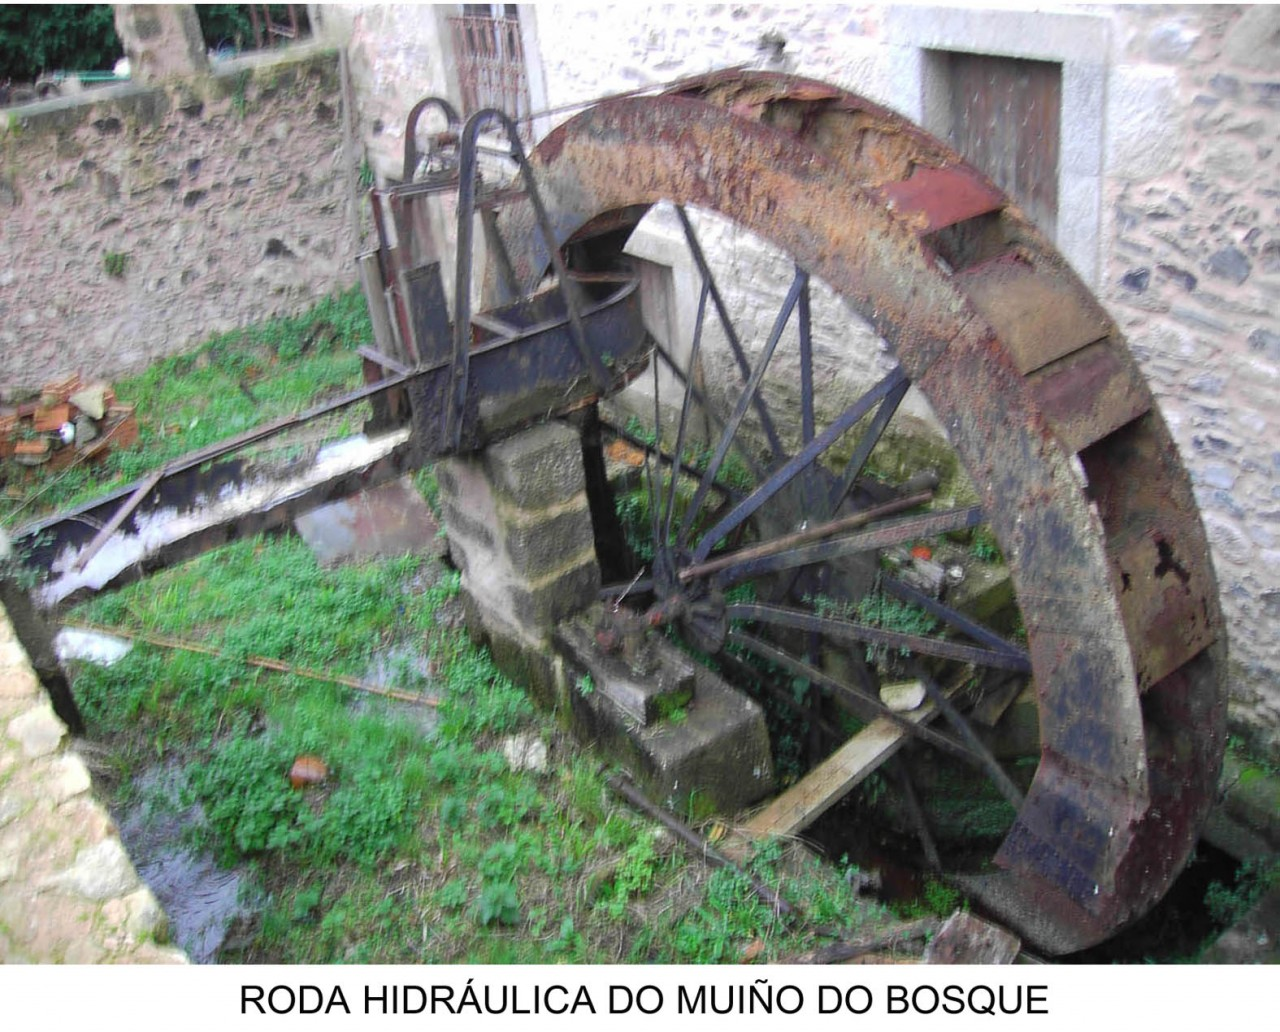 rueda hidraulica molino bosque